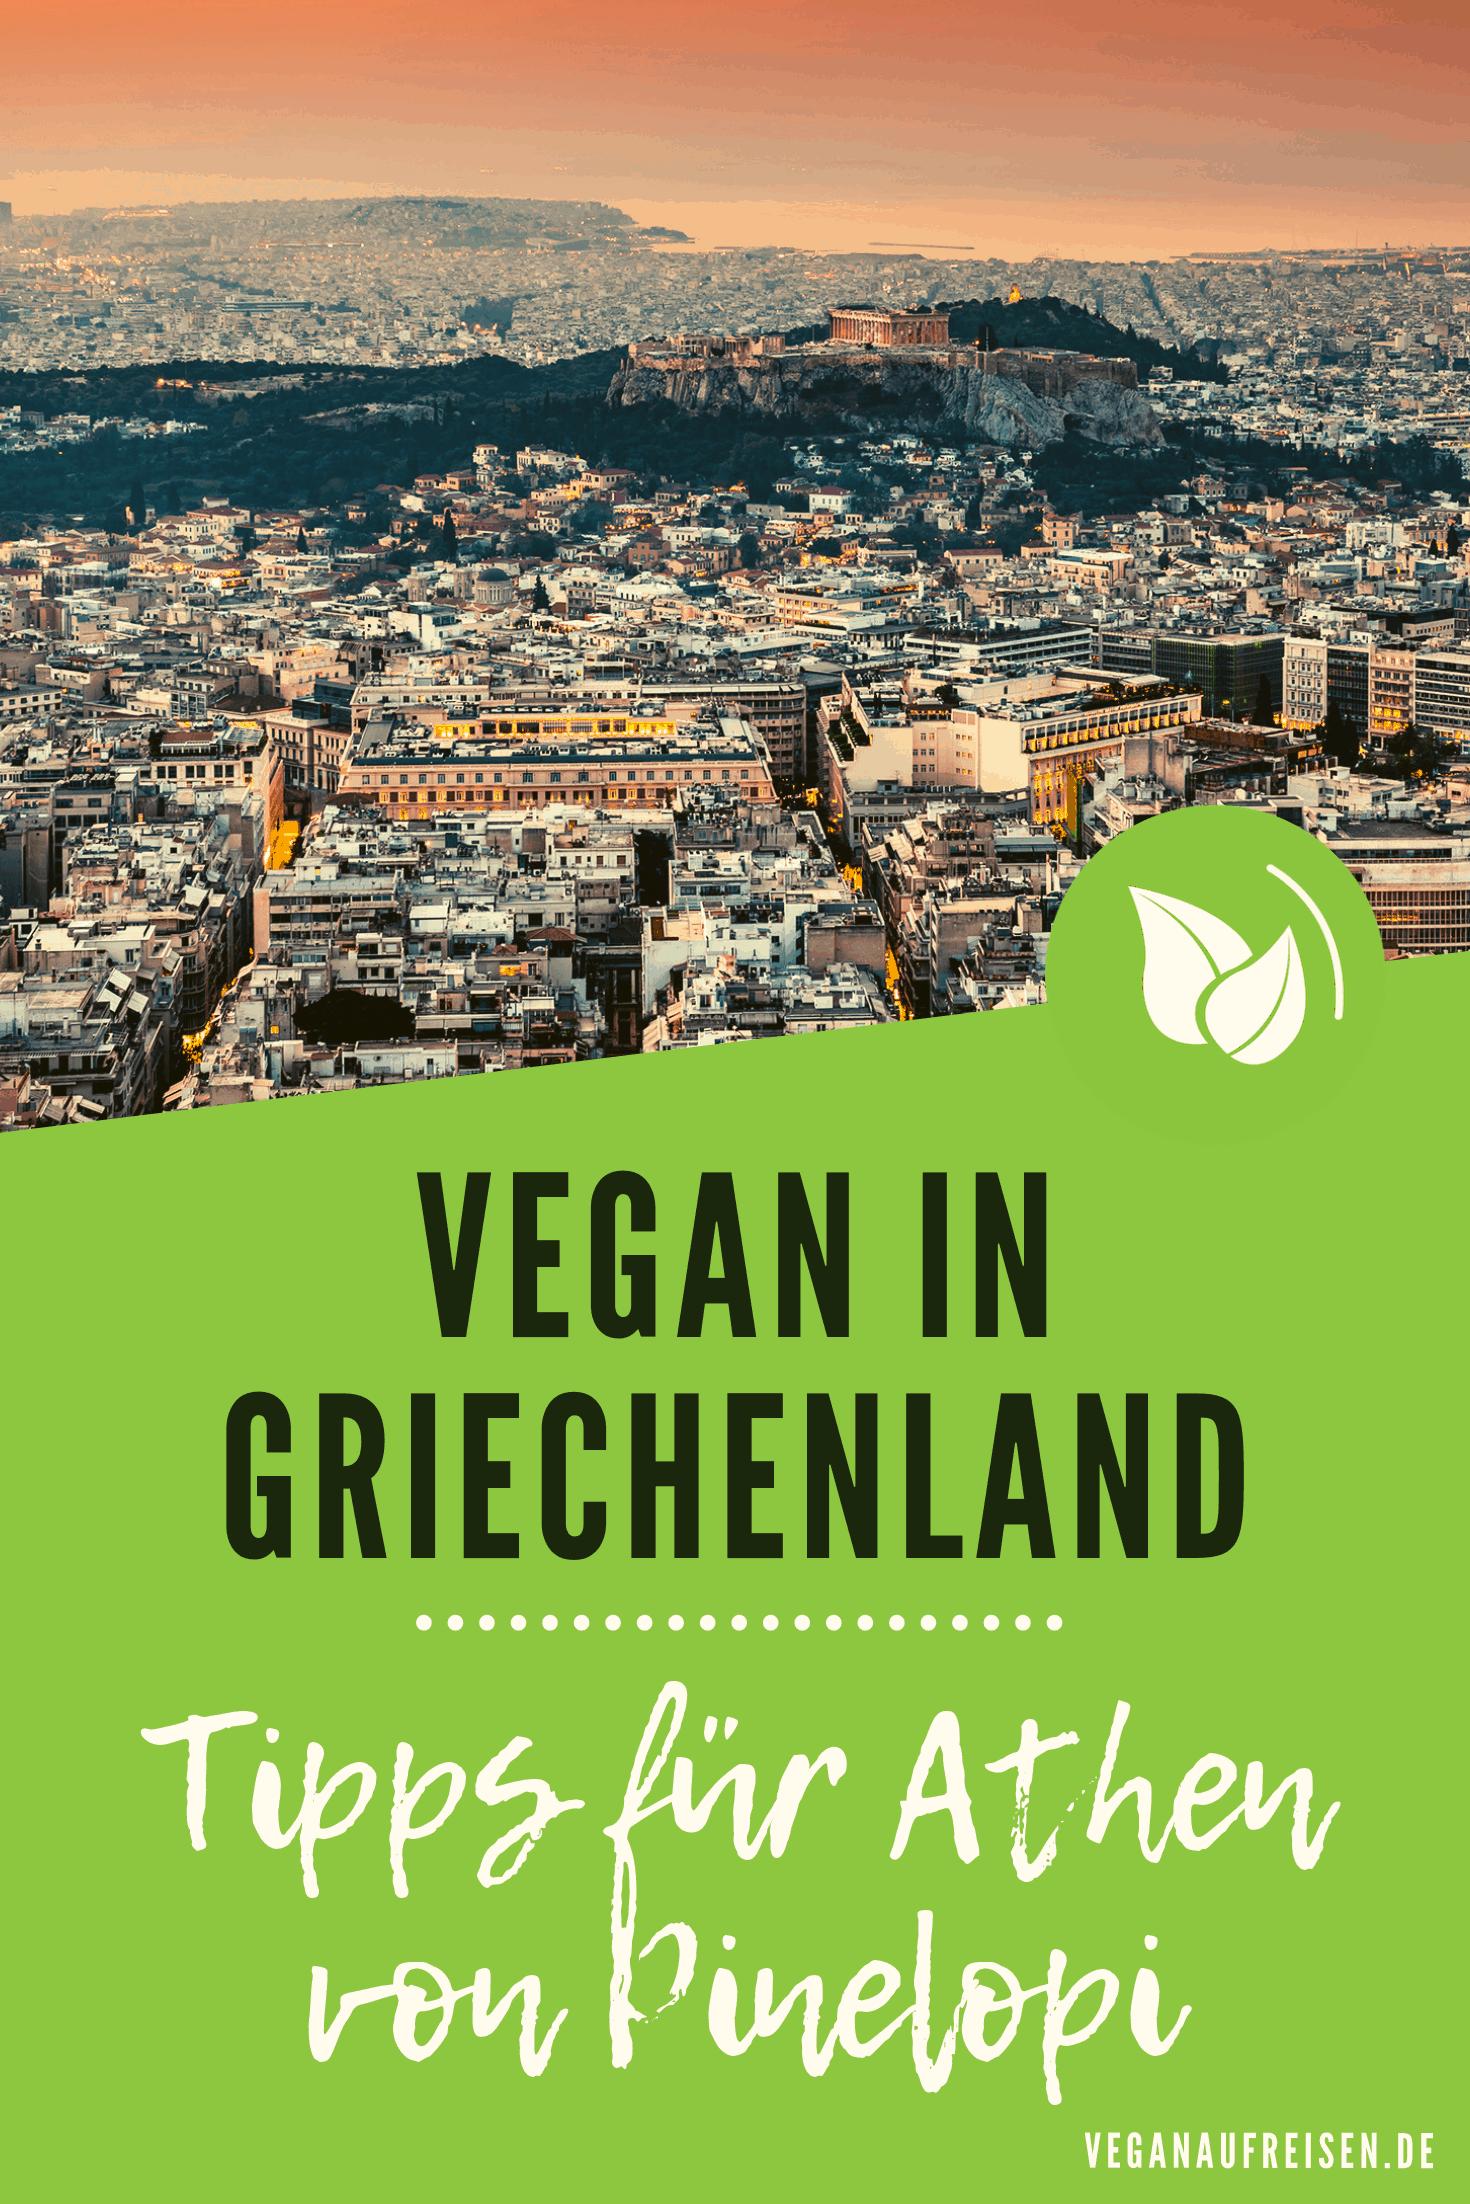 Vegan in Griechenland - Tipps für Athen